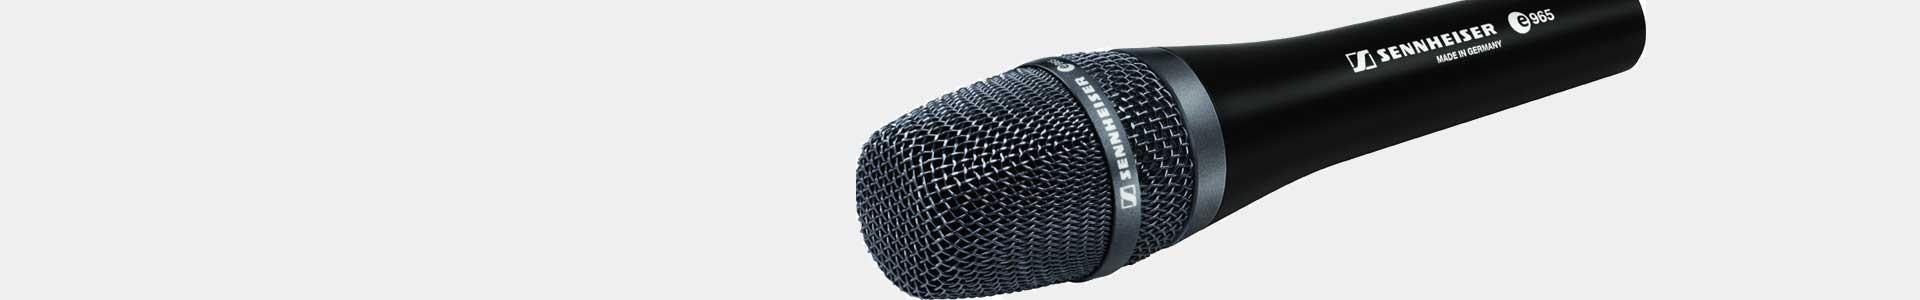 Microfoni Palmari professionali al miglior prezzo - Avacab